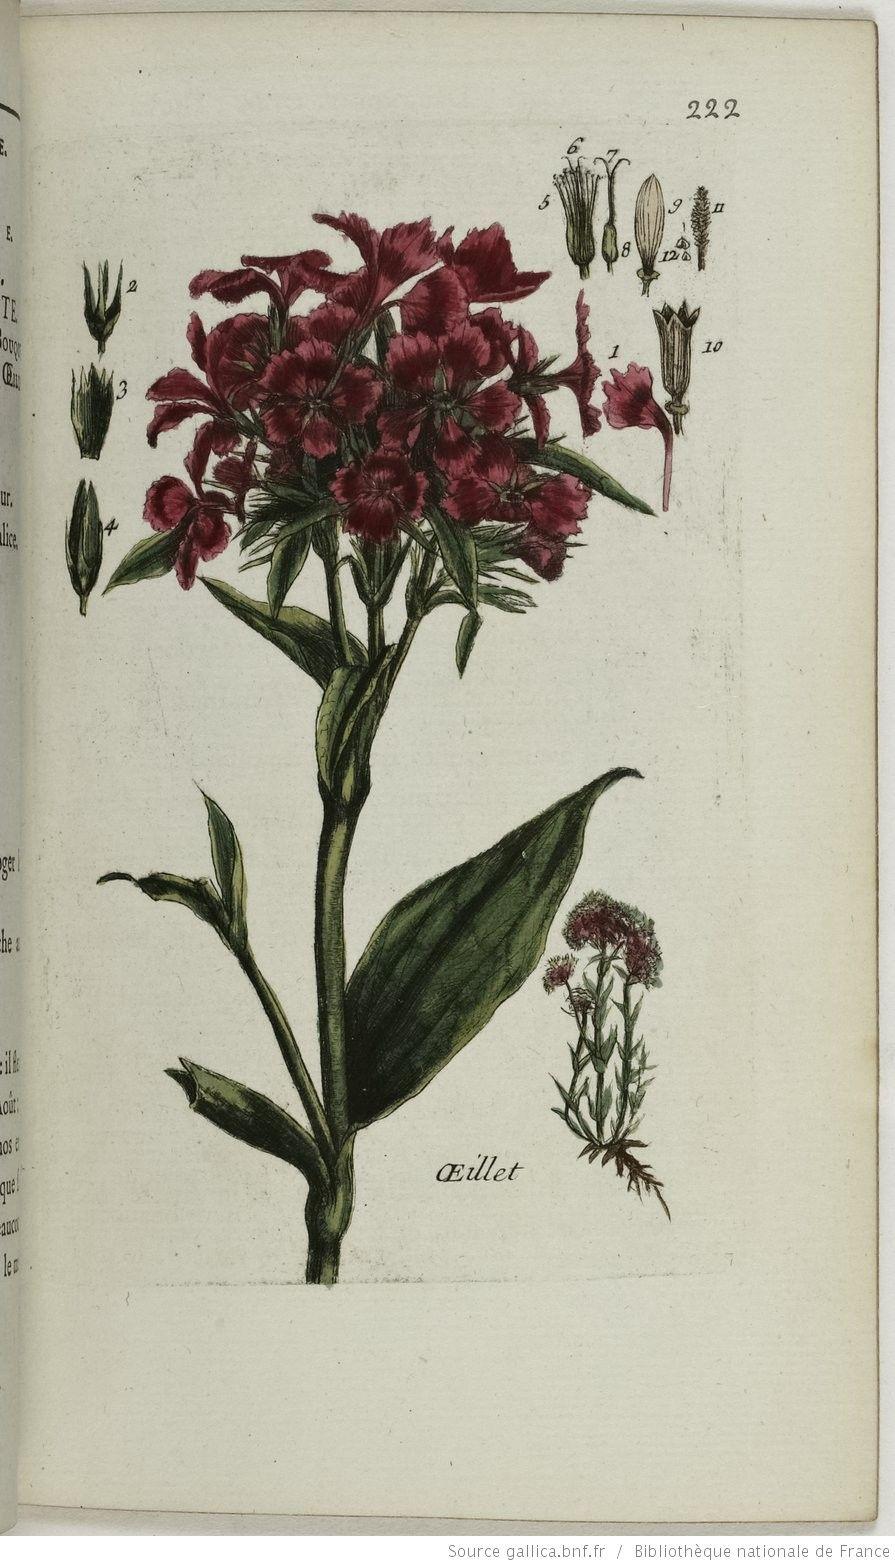 DIANTHUS - Dianthus carthusianorum. L'œillet de poète / Le bouquet parfait ou bouquet tout fait / Œillet des Chartreux / Œillet bouquet